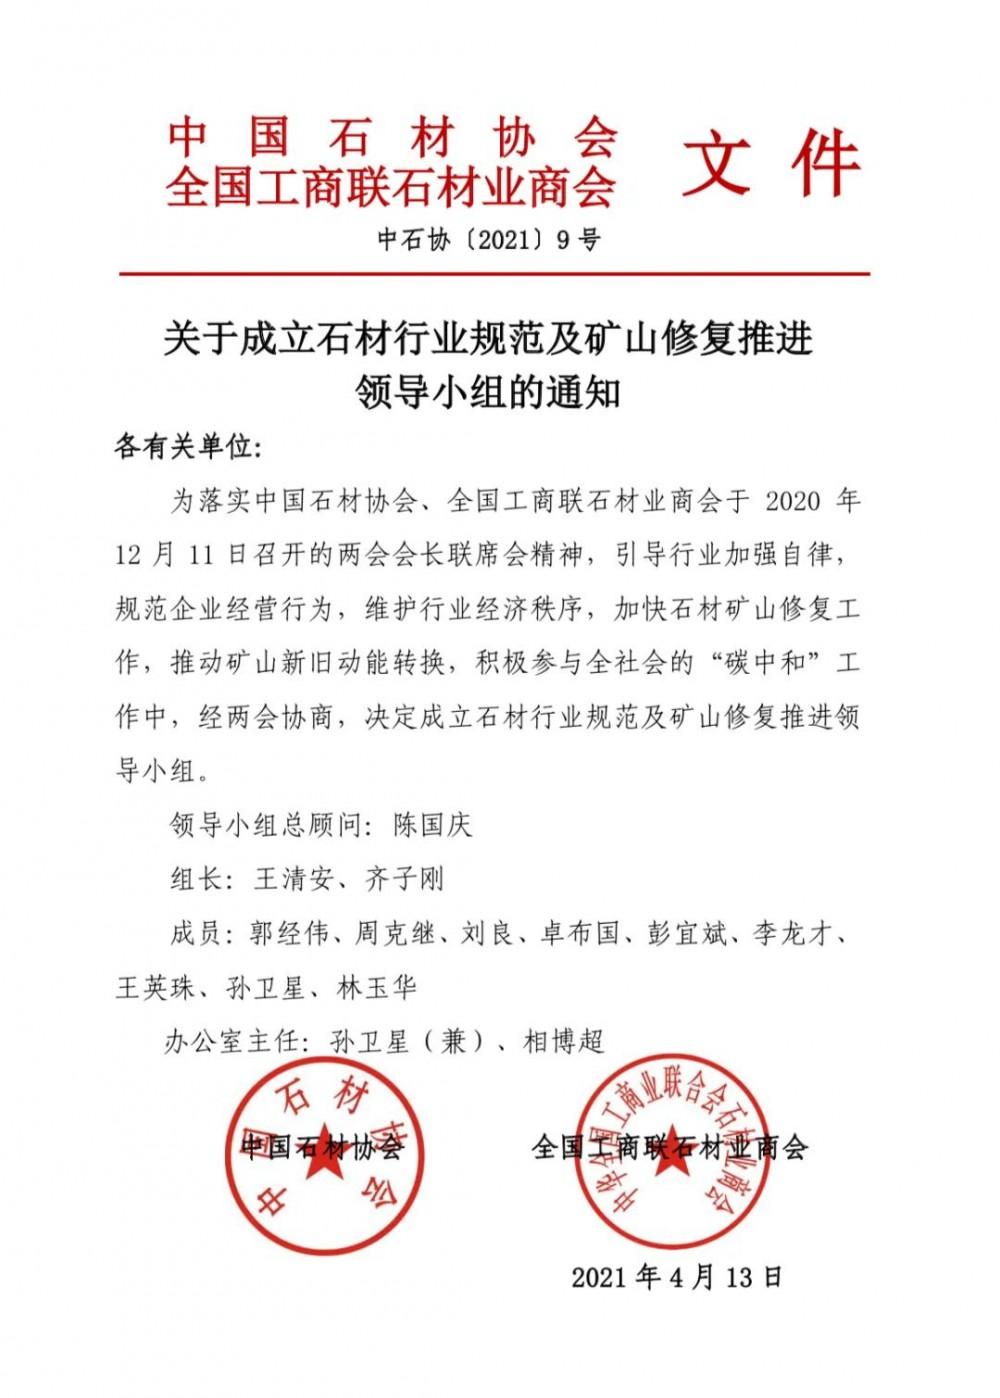 中国石材协会、全国工商联石材业商会发布成立石材行业规范及矿山修复推进领导小组的通知